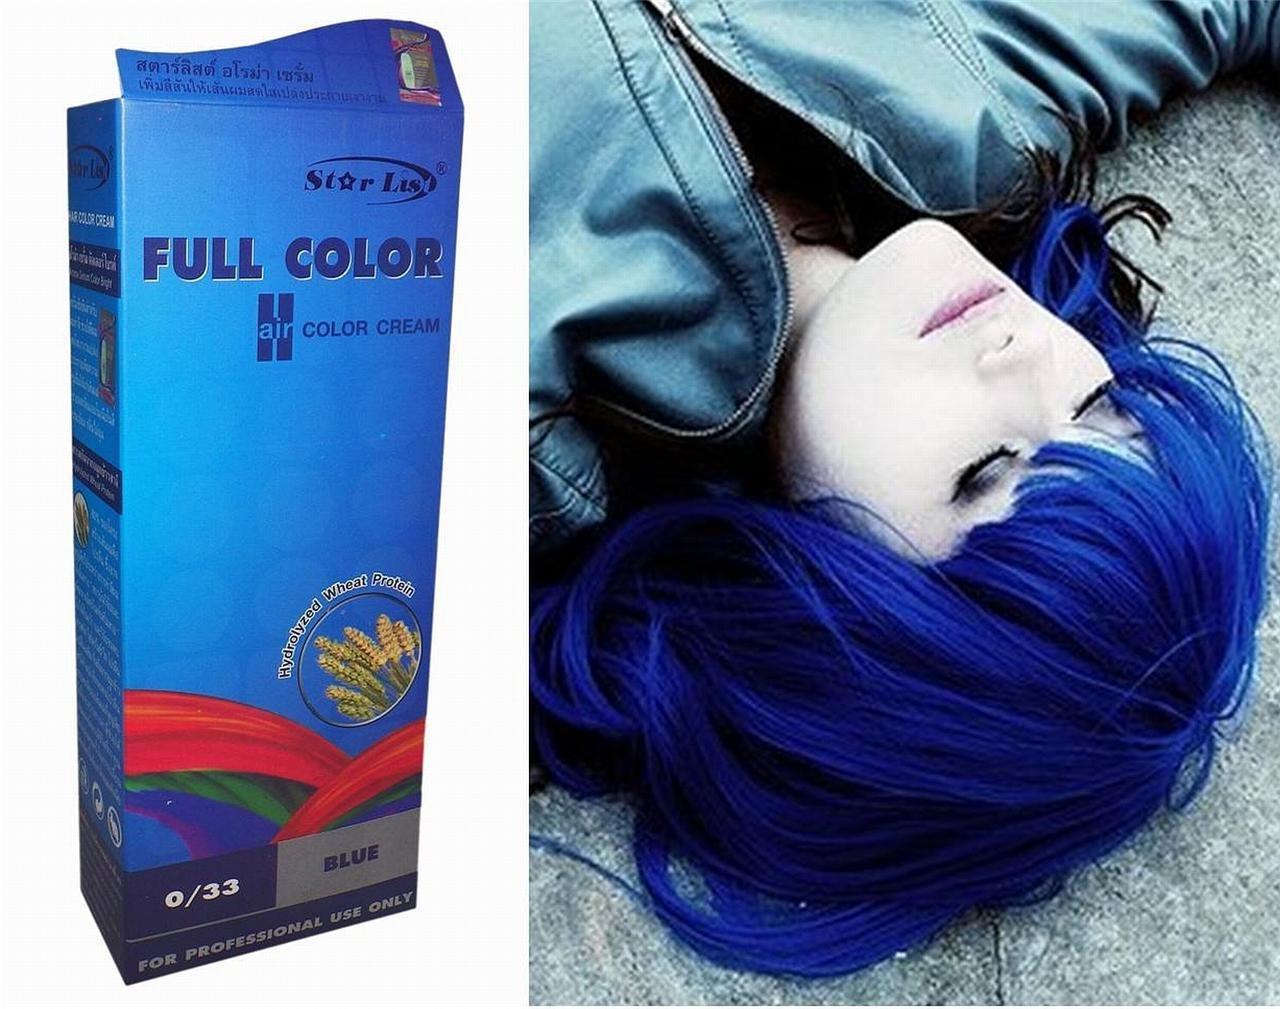 Premium Permanent Hair Colour Cream Dye Bright Blue 0_33 Punk Goth by Starlist